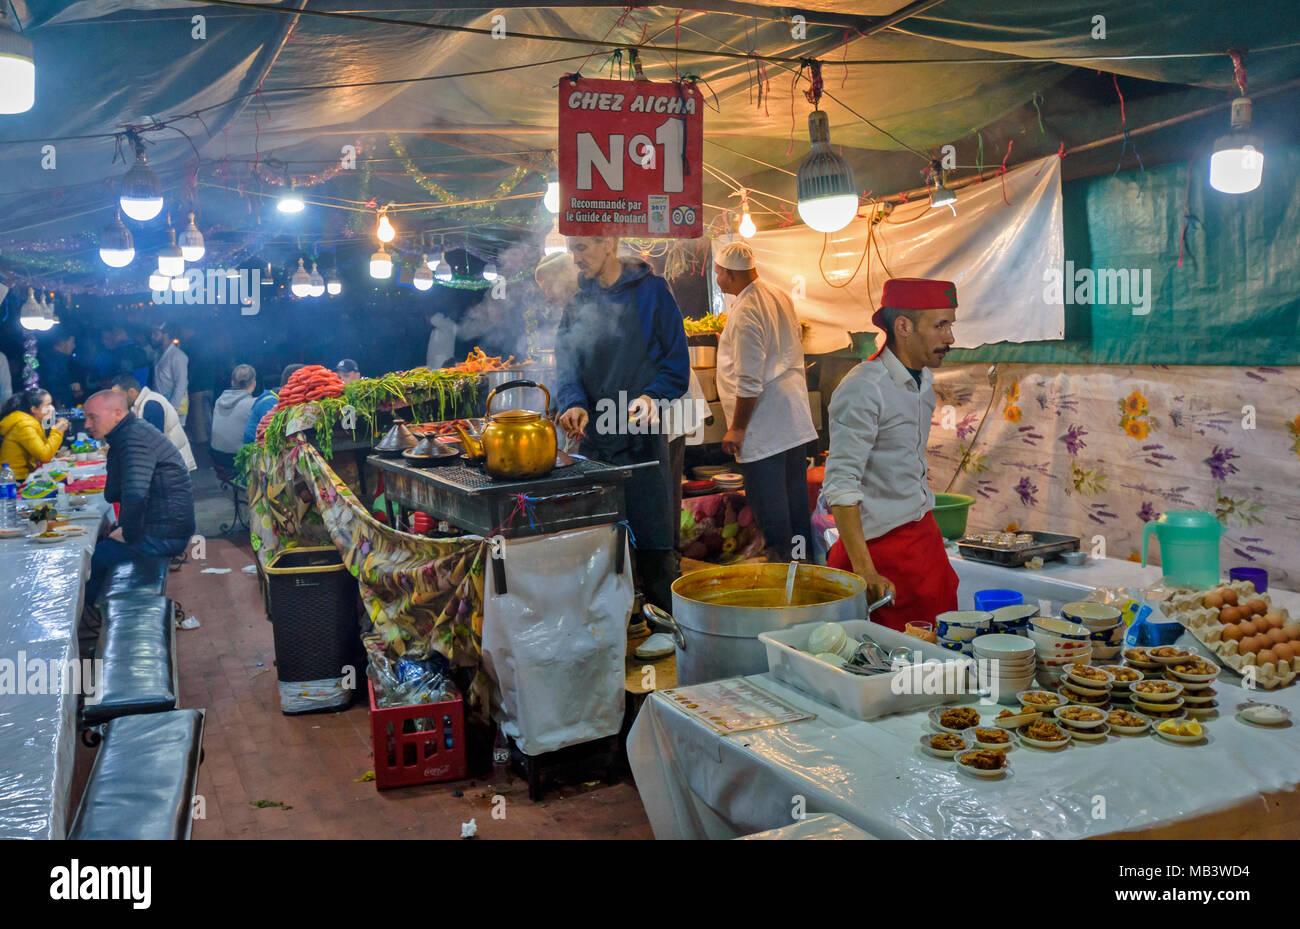 Il Marocco Marrakech Jemaa el Fna MEDINA SOUK sera nella piazza di bancarelle che vendono cibo cotto tagine e salsicce Foto Stock